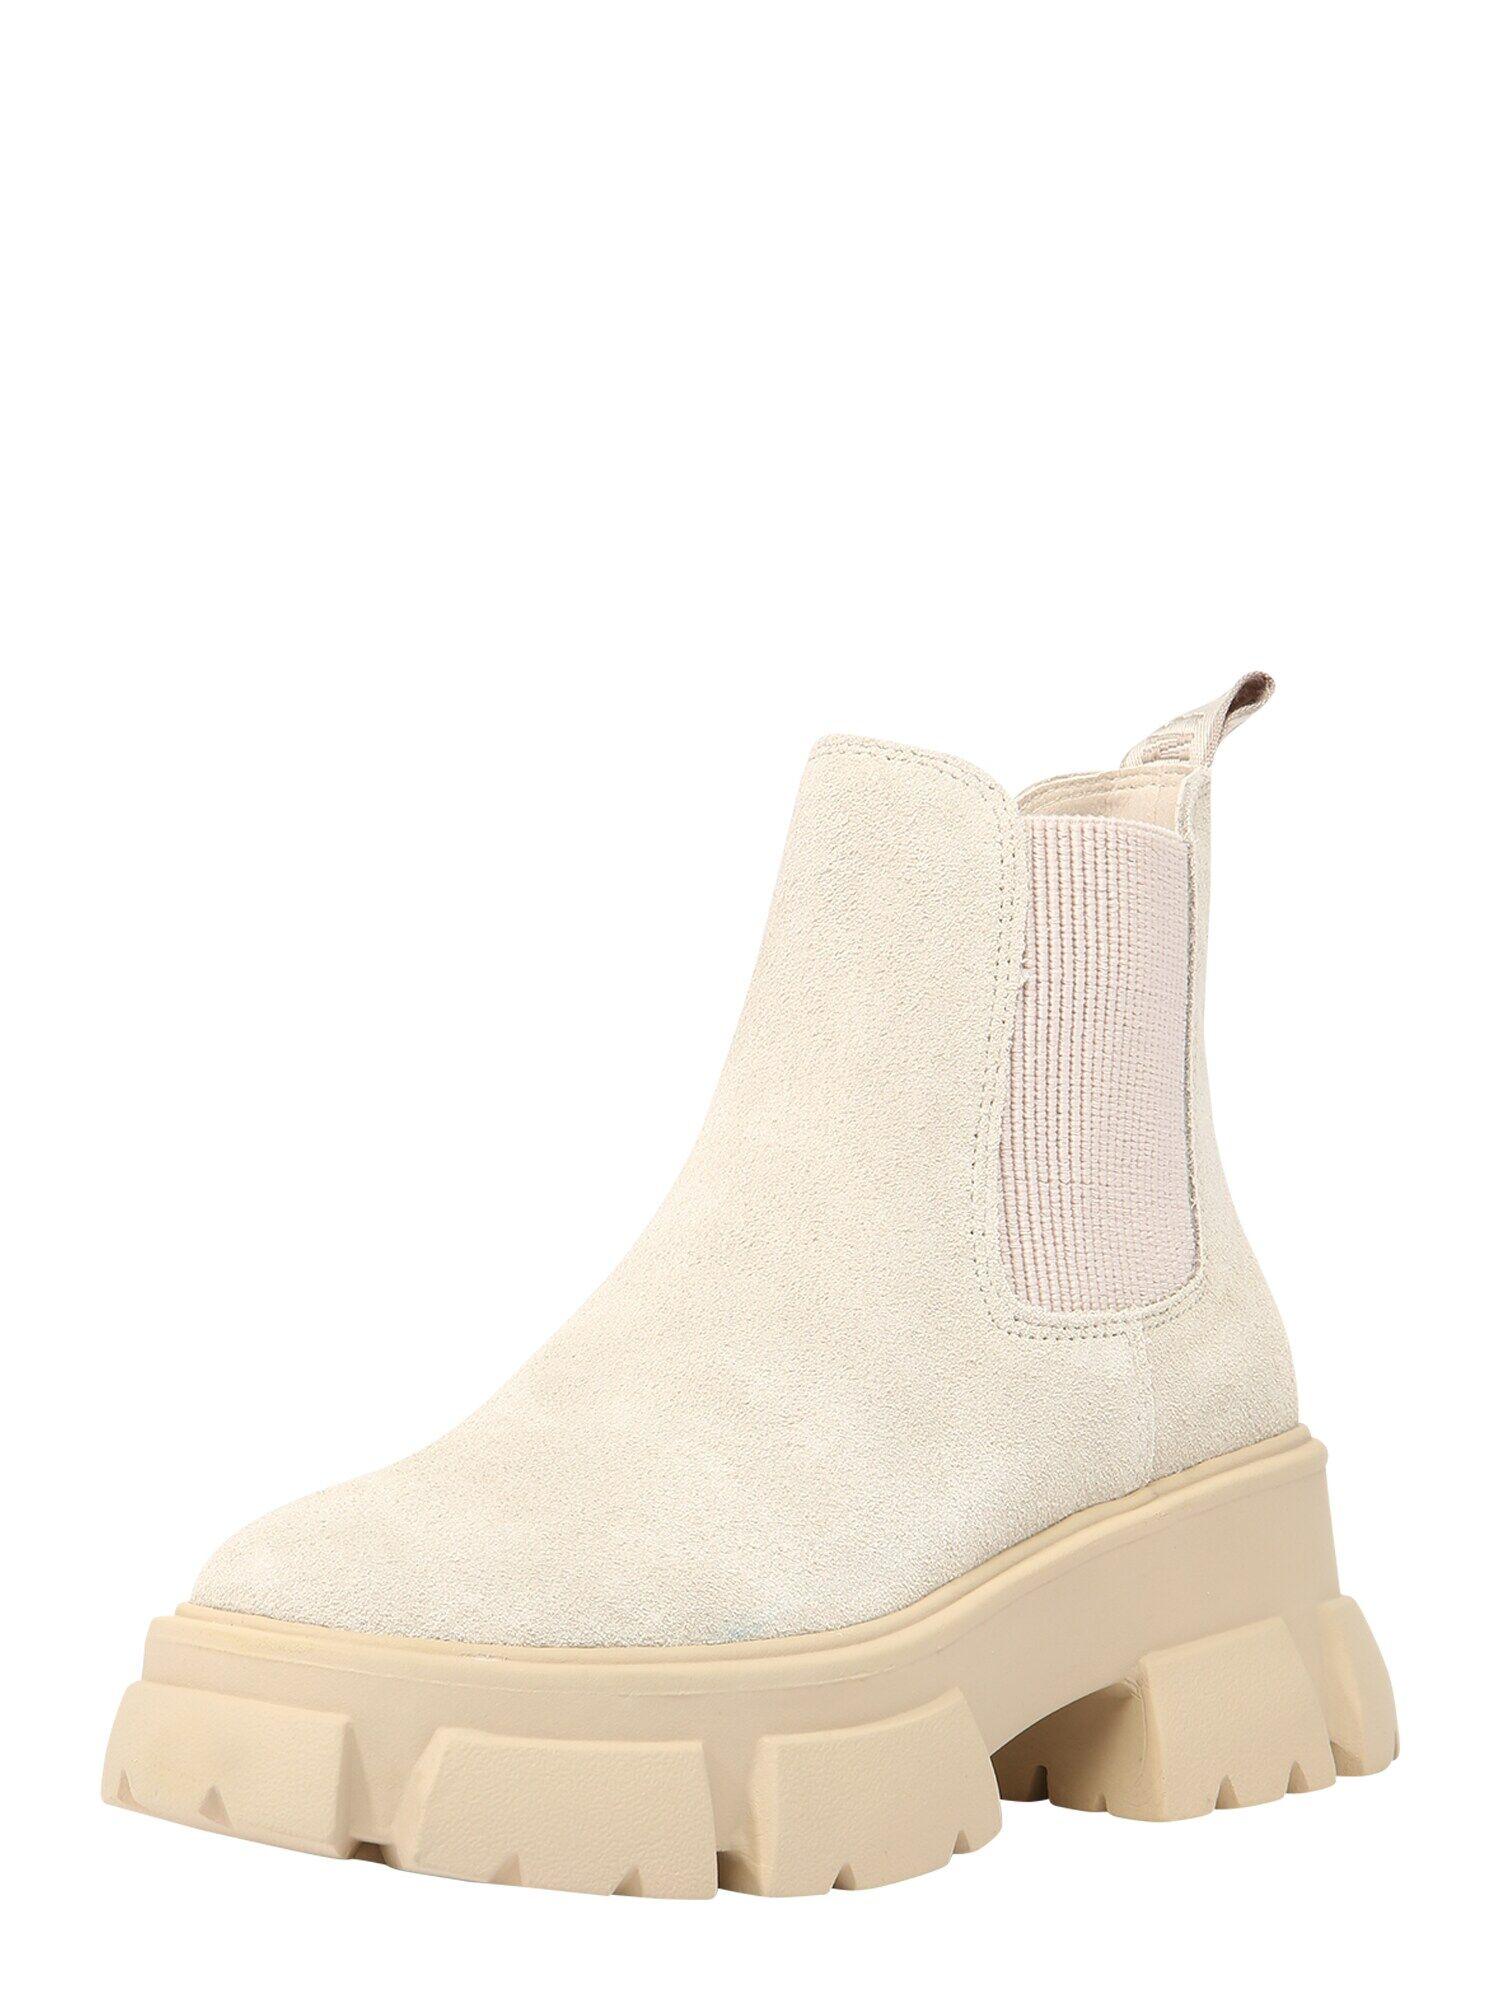 STEVE MADDEN Chelsea Boots 'TUSK'  - Beige - Taille: 41 - female